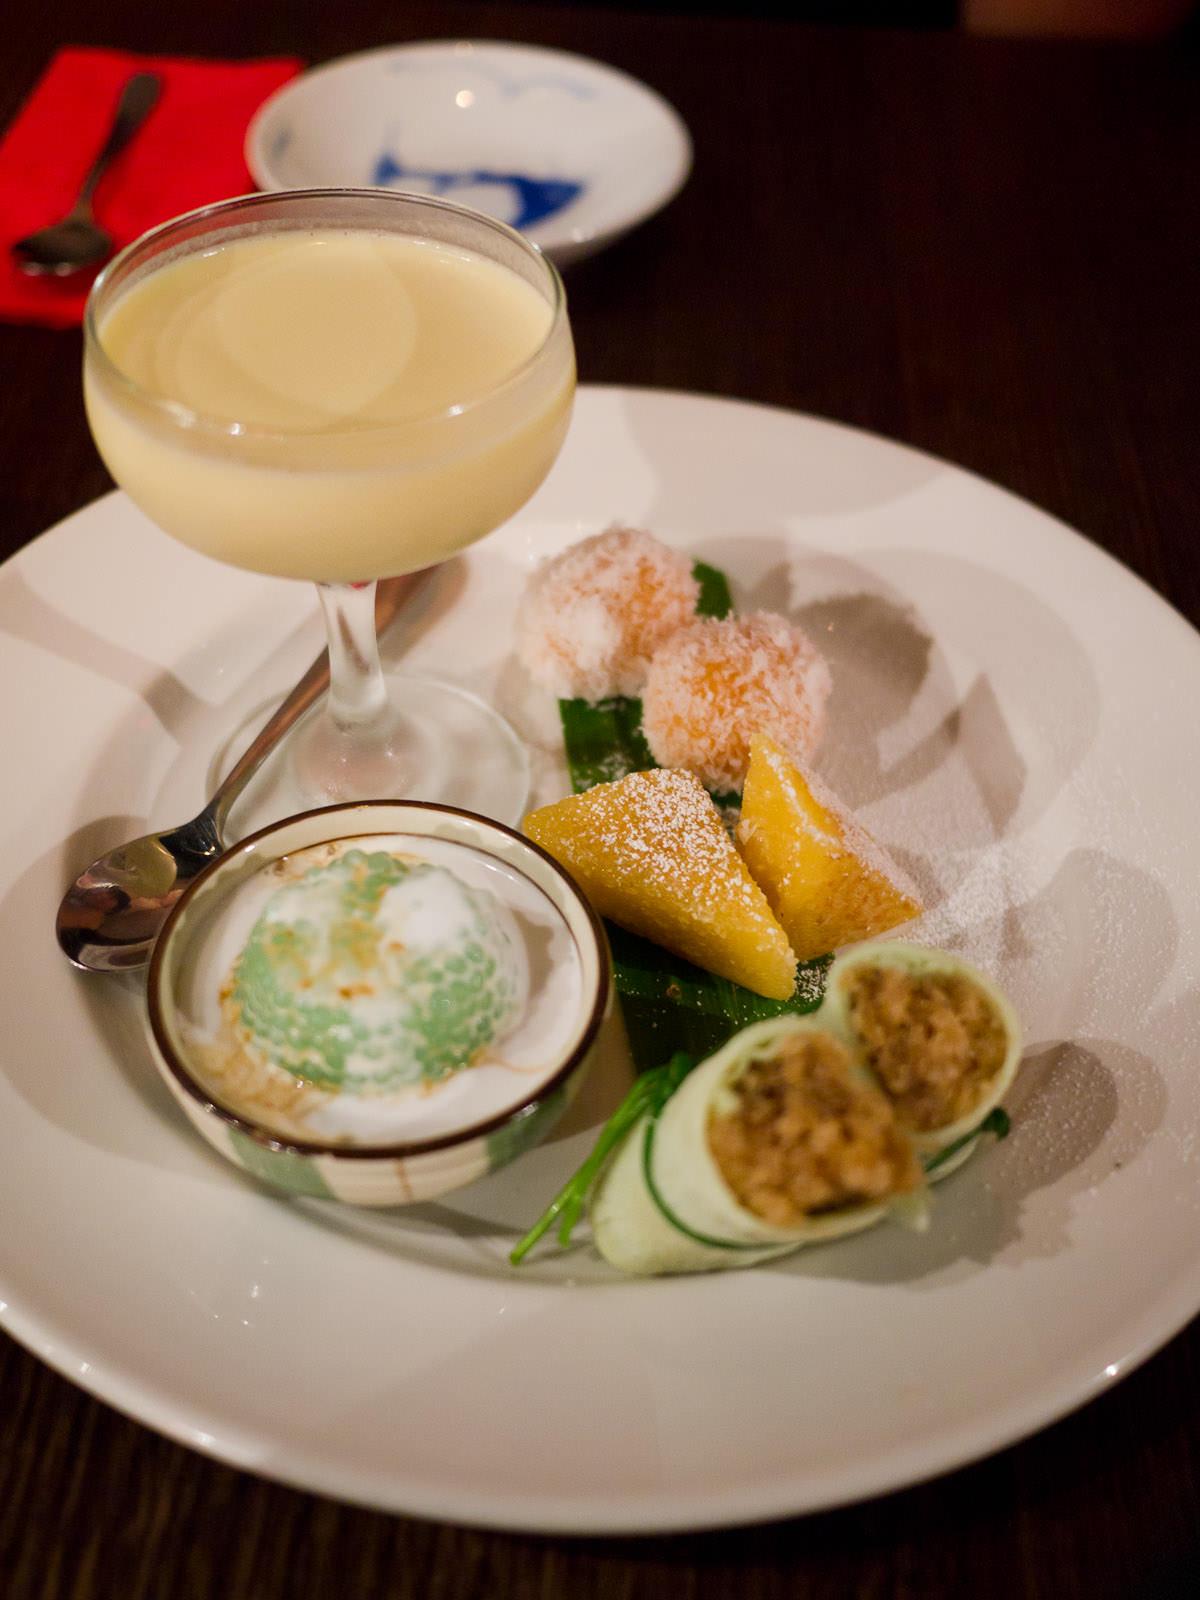 Dessert tasting plate (AU$22)